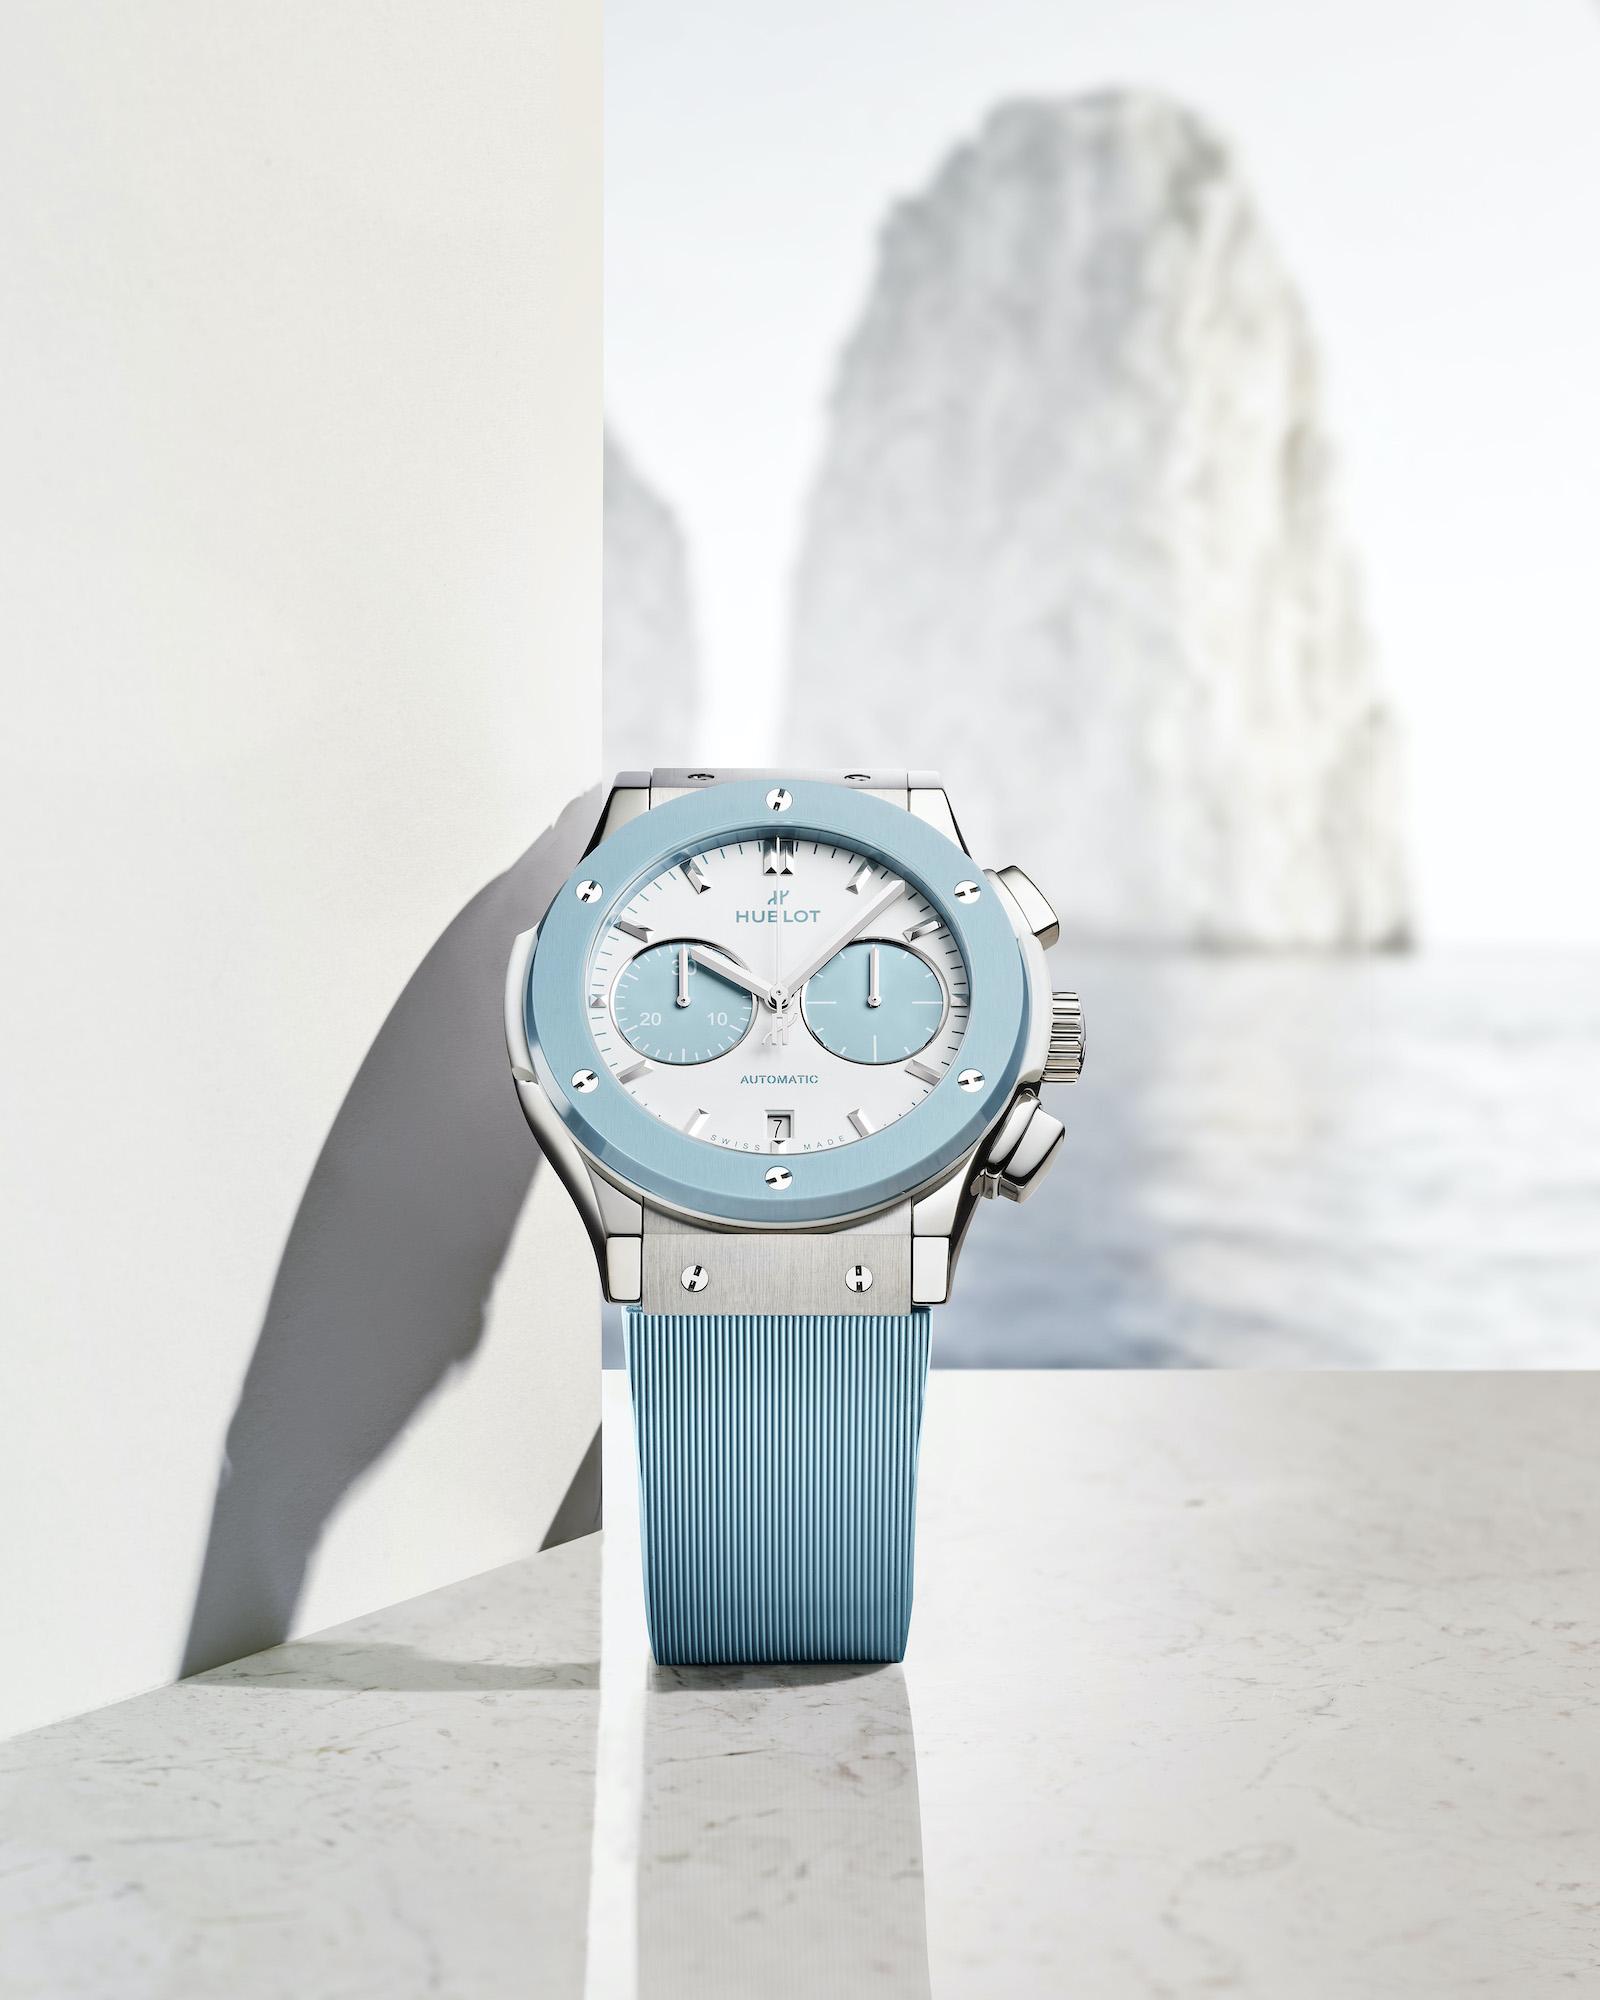 Hublot Classic Fusion Chronograph Boutique Capri 521.NL.8929.RX.CAP21 Lifestyle 3